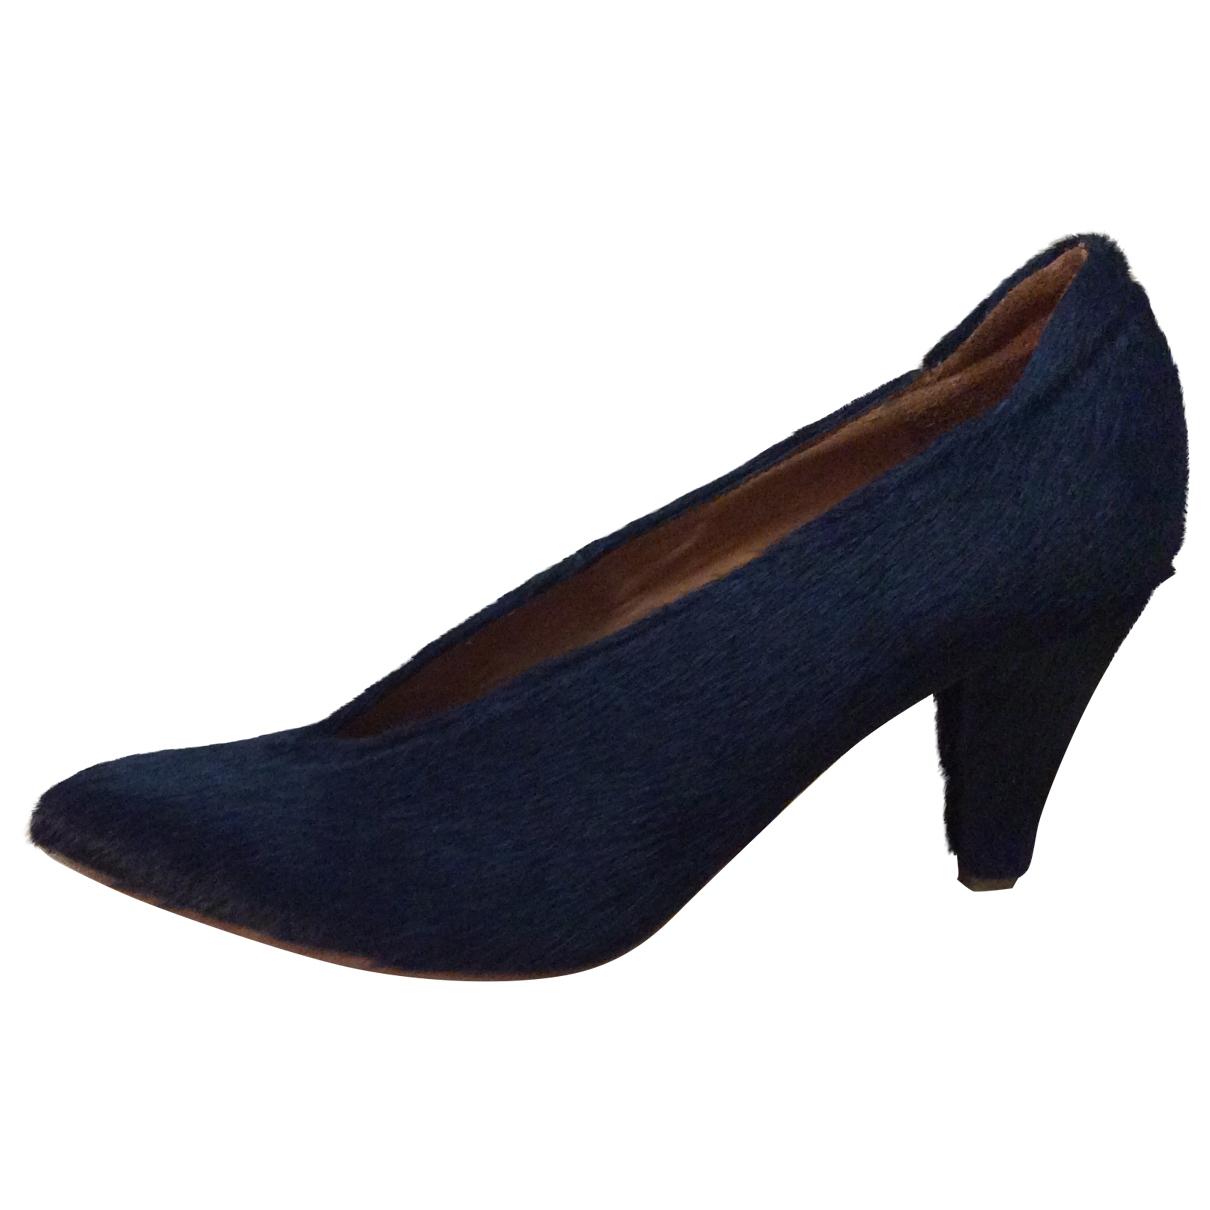 Lover - Escarpins   pour femme en veau facon poulain - bleu